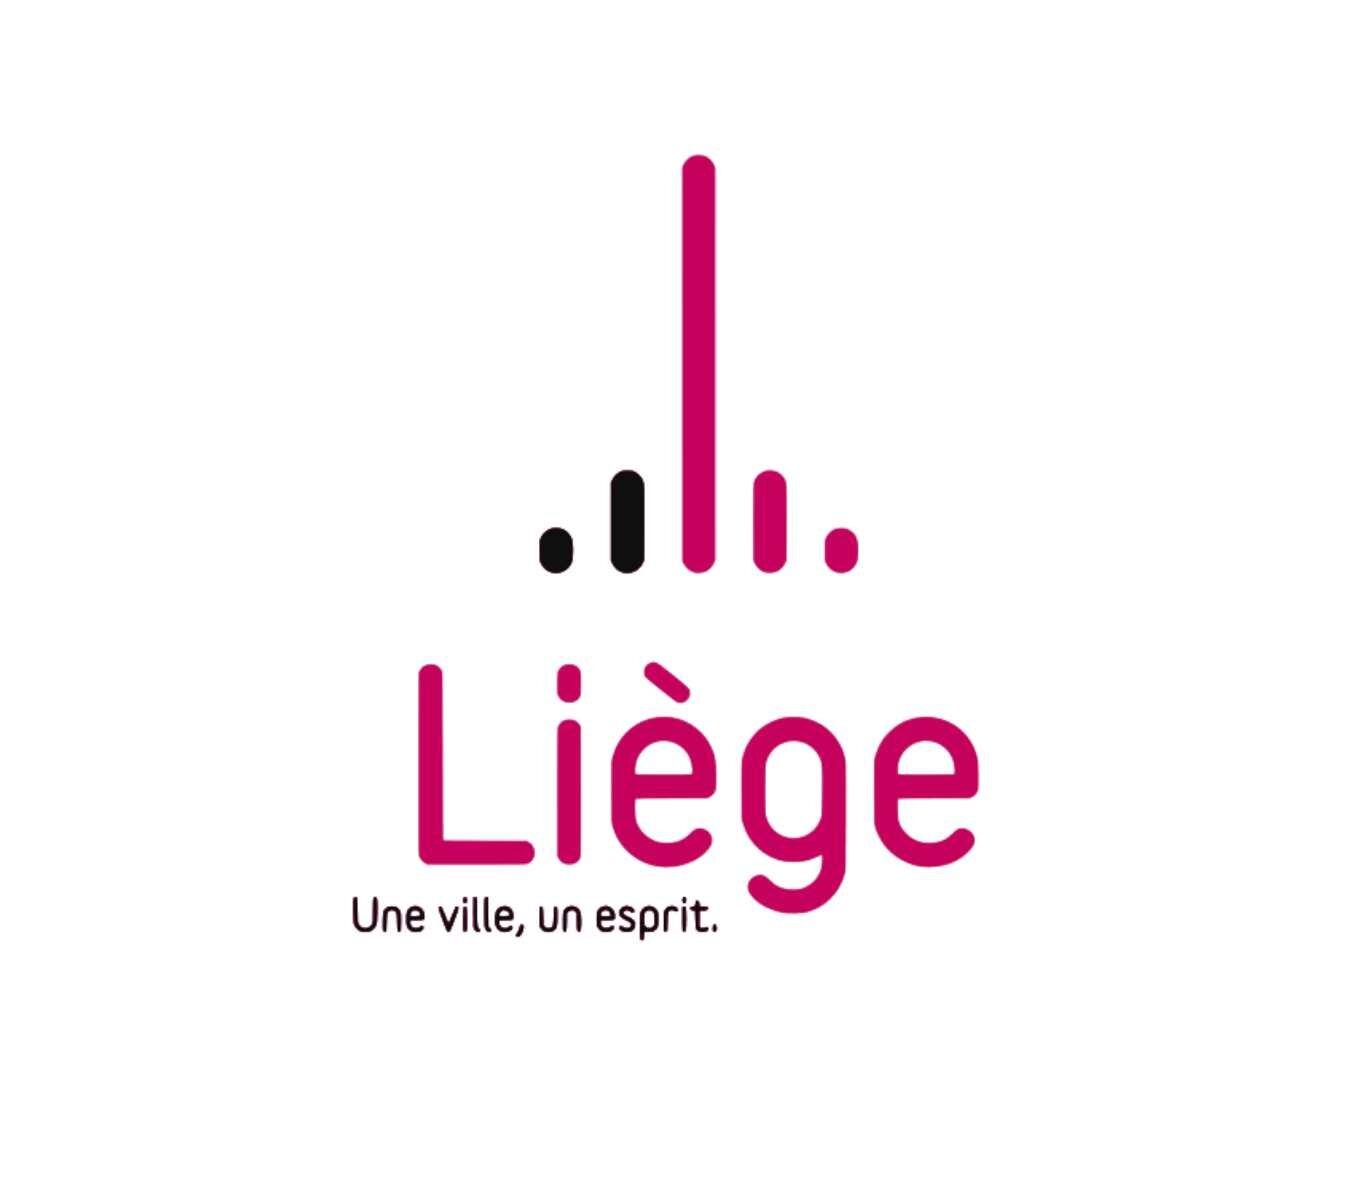 Liège good.jpg